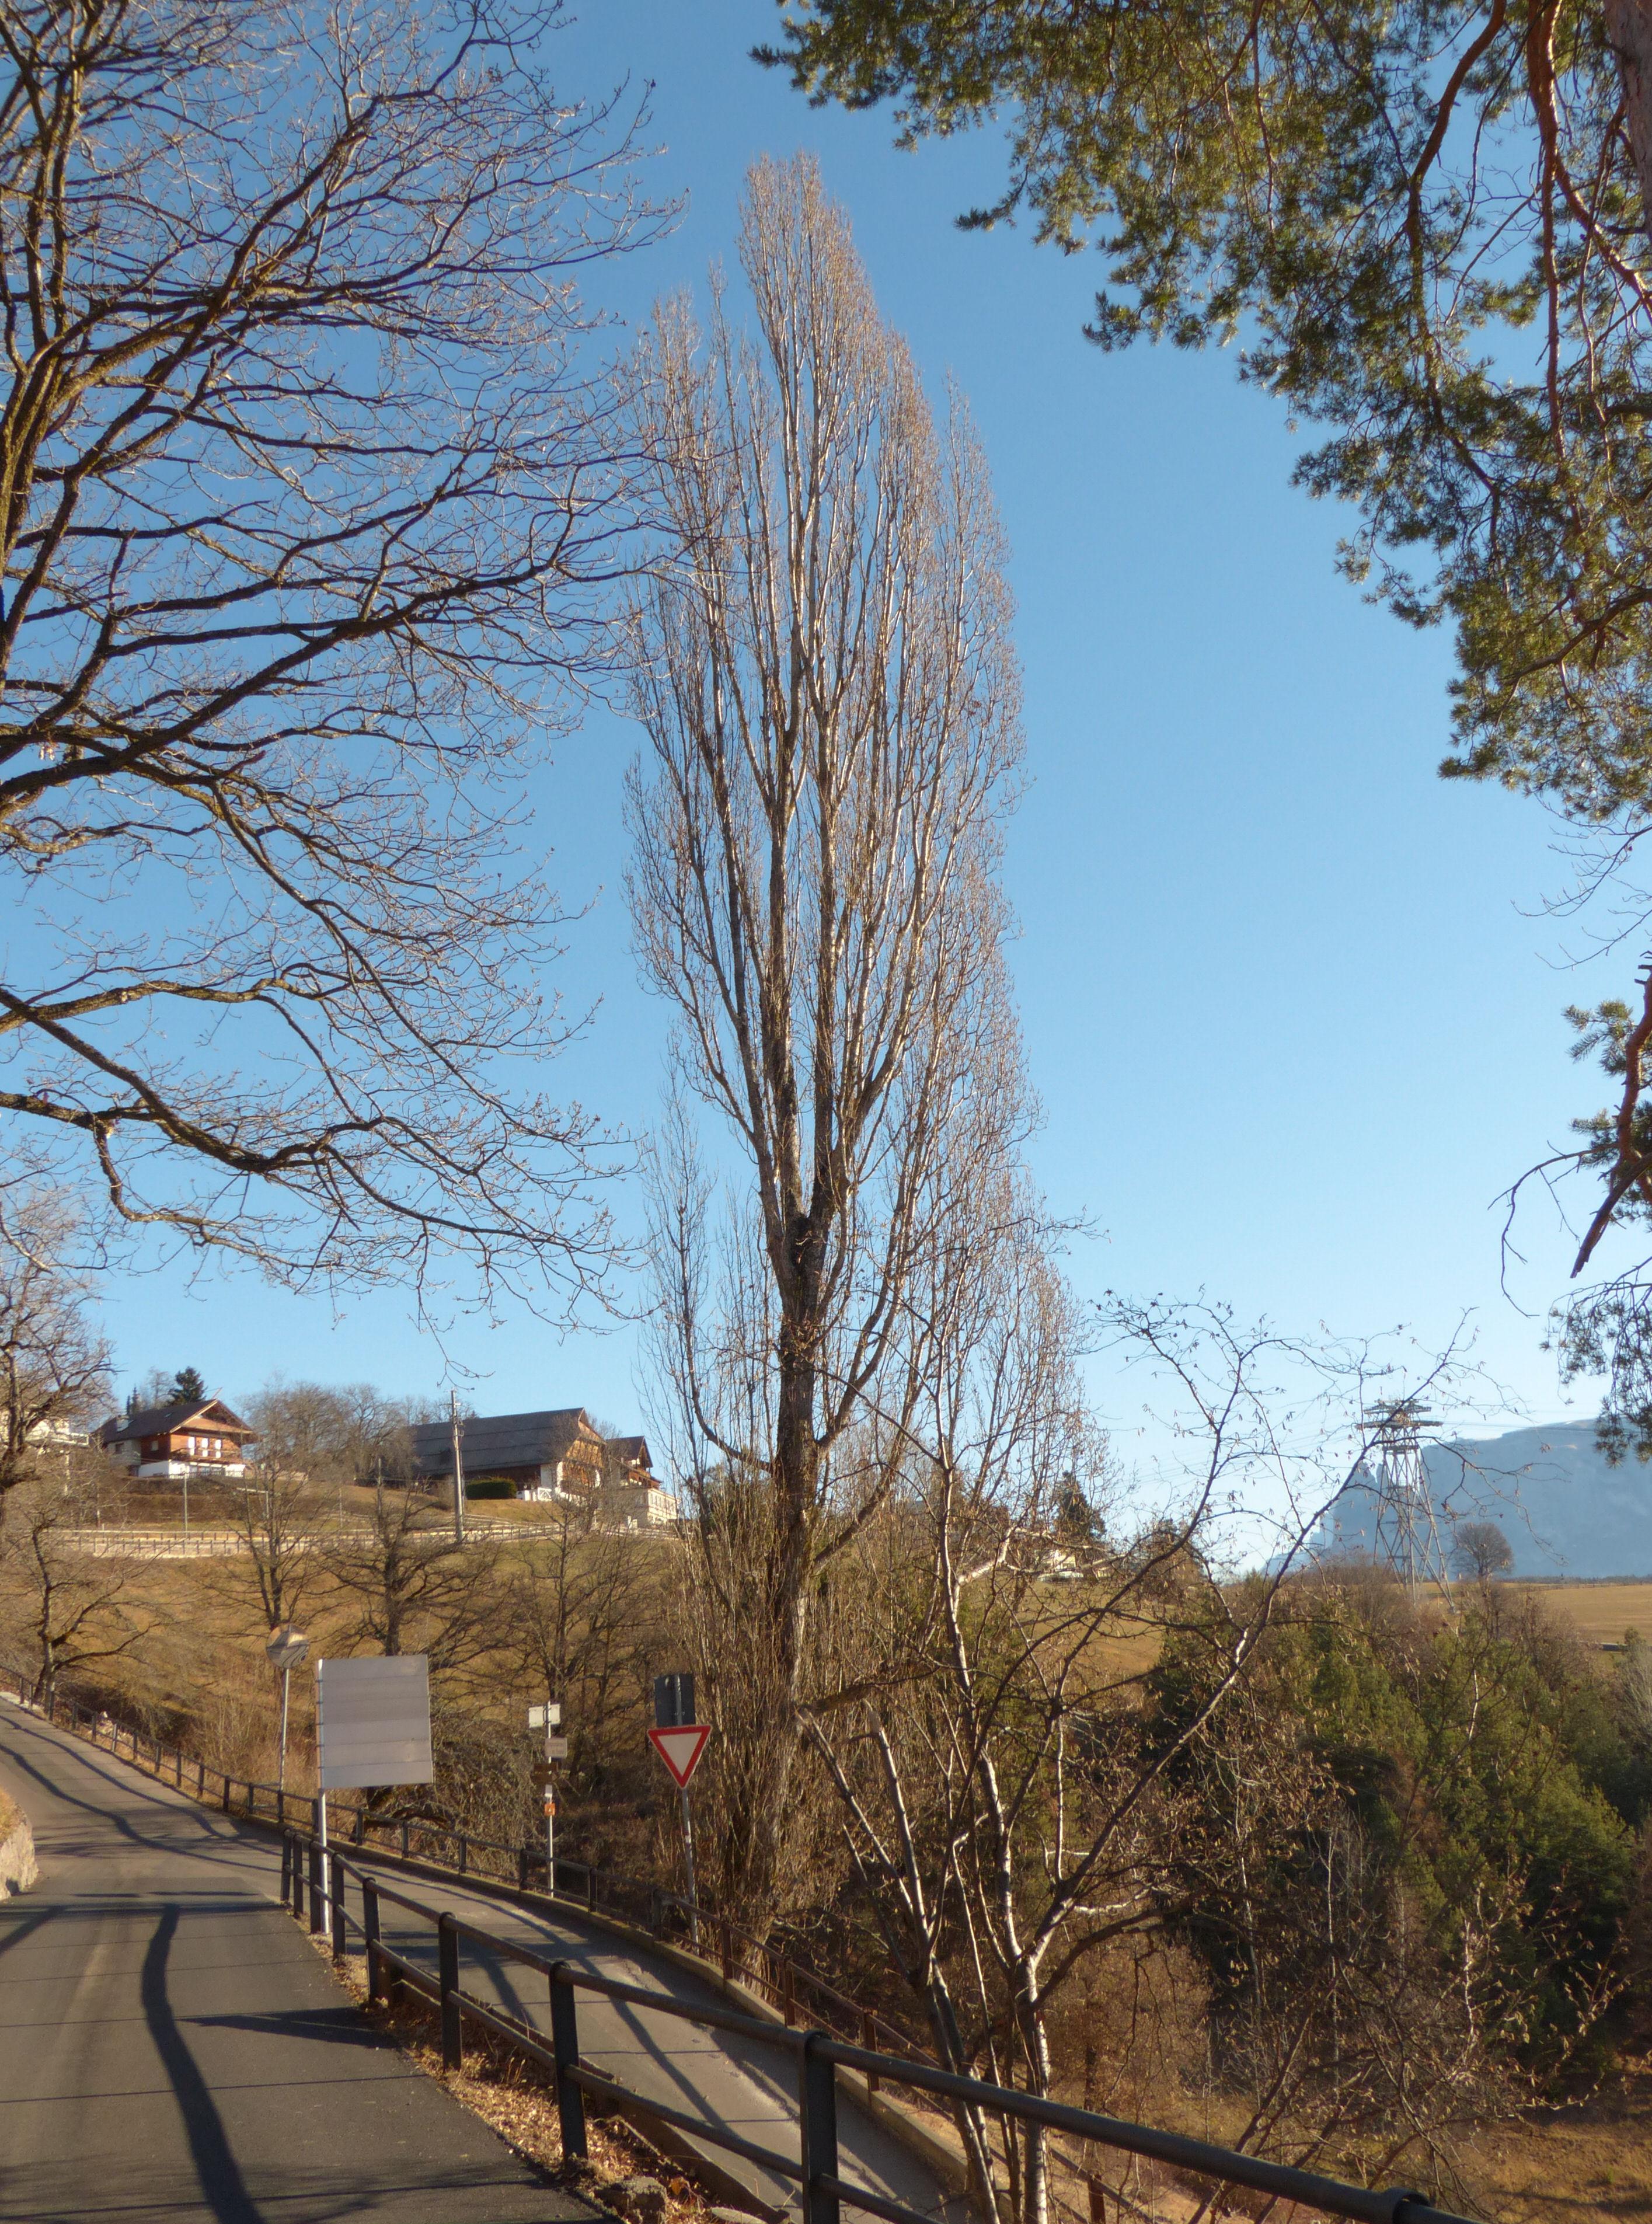 © Dipartimento di Scienze della Vita, Università di Trieste<br>by Andrea Moro<br>Comune di Bolzano / Bozen, Renon / Ritten, L'Assunta / Maria Himmelfahrt, BZ, Trentino-Alto Adige/Südtirol, Italia, 30/12/2016<br>Distributed under CC-BY-SA 4.0 license.